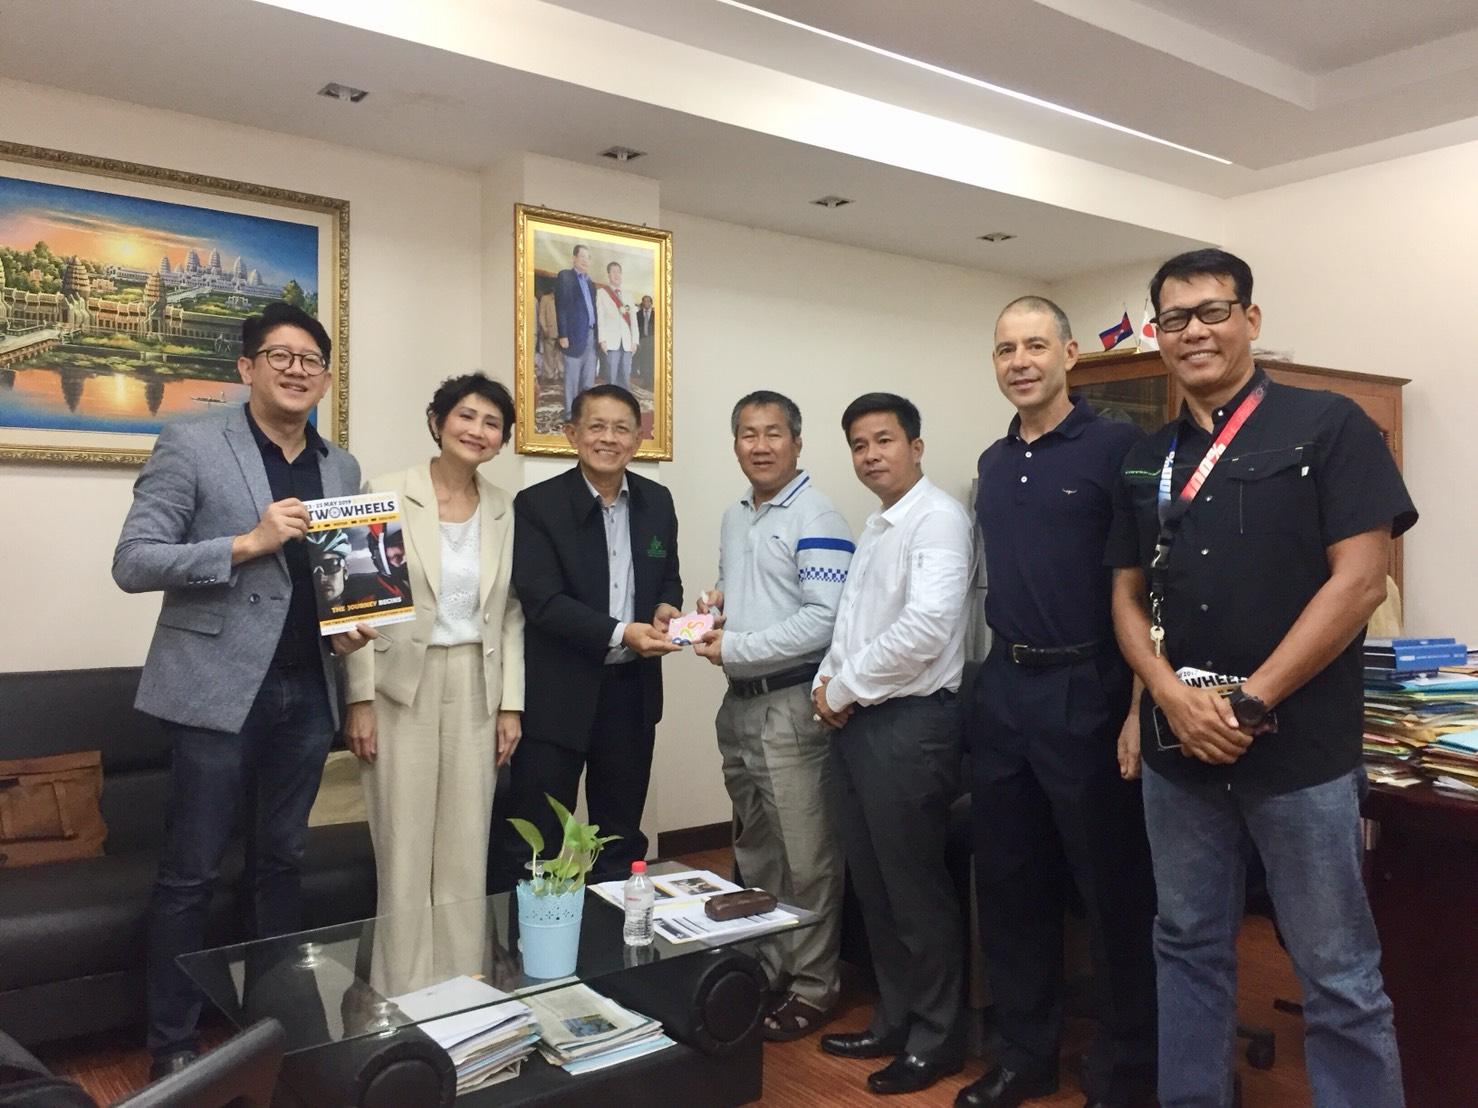 ภาคีความร่วมมือการจัดงาน TWO WHEELS ASIA 2019 ณ กัมพูชา